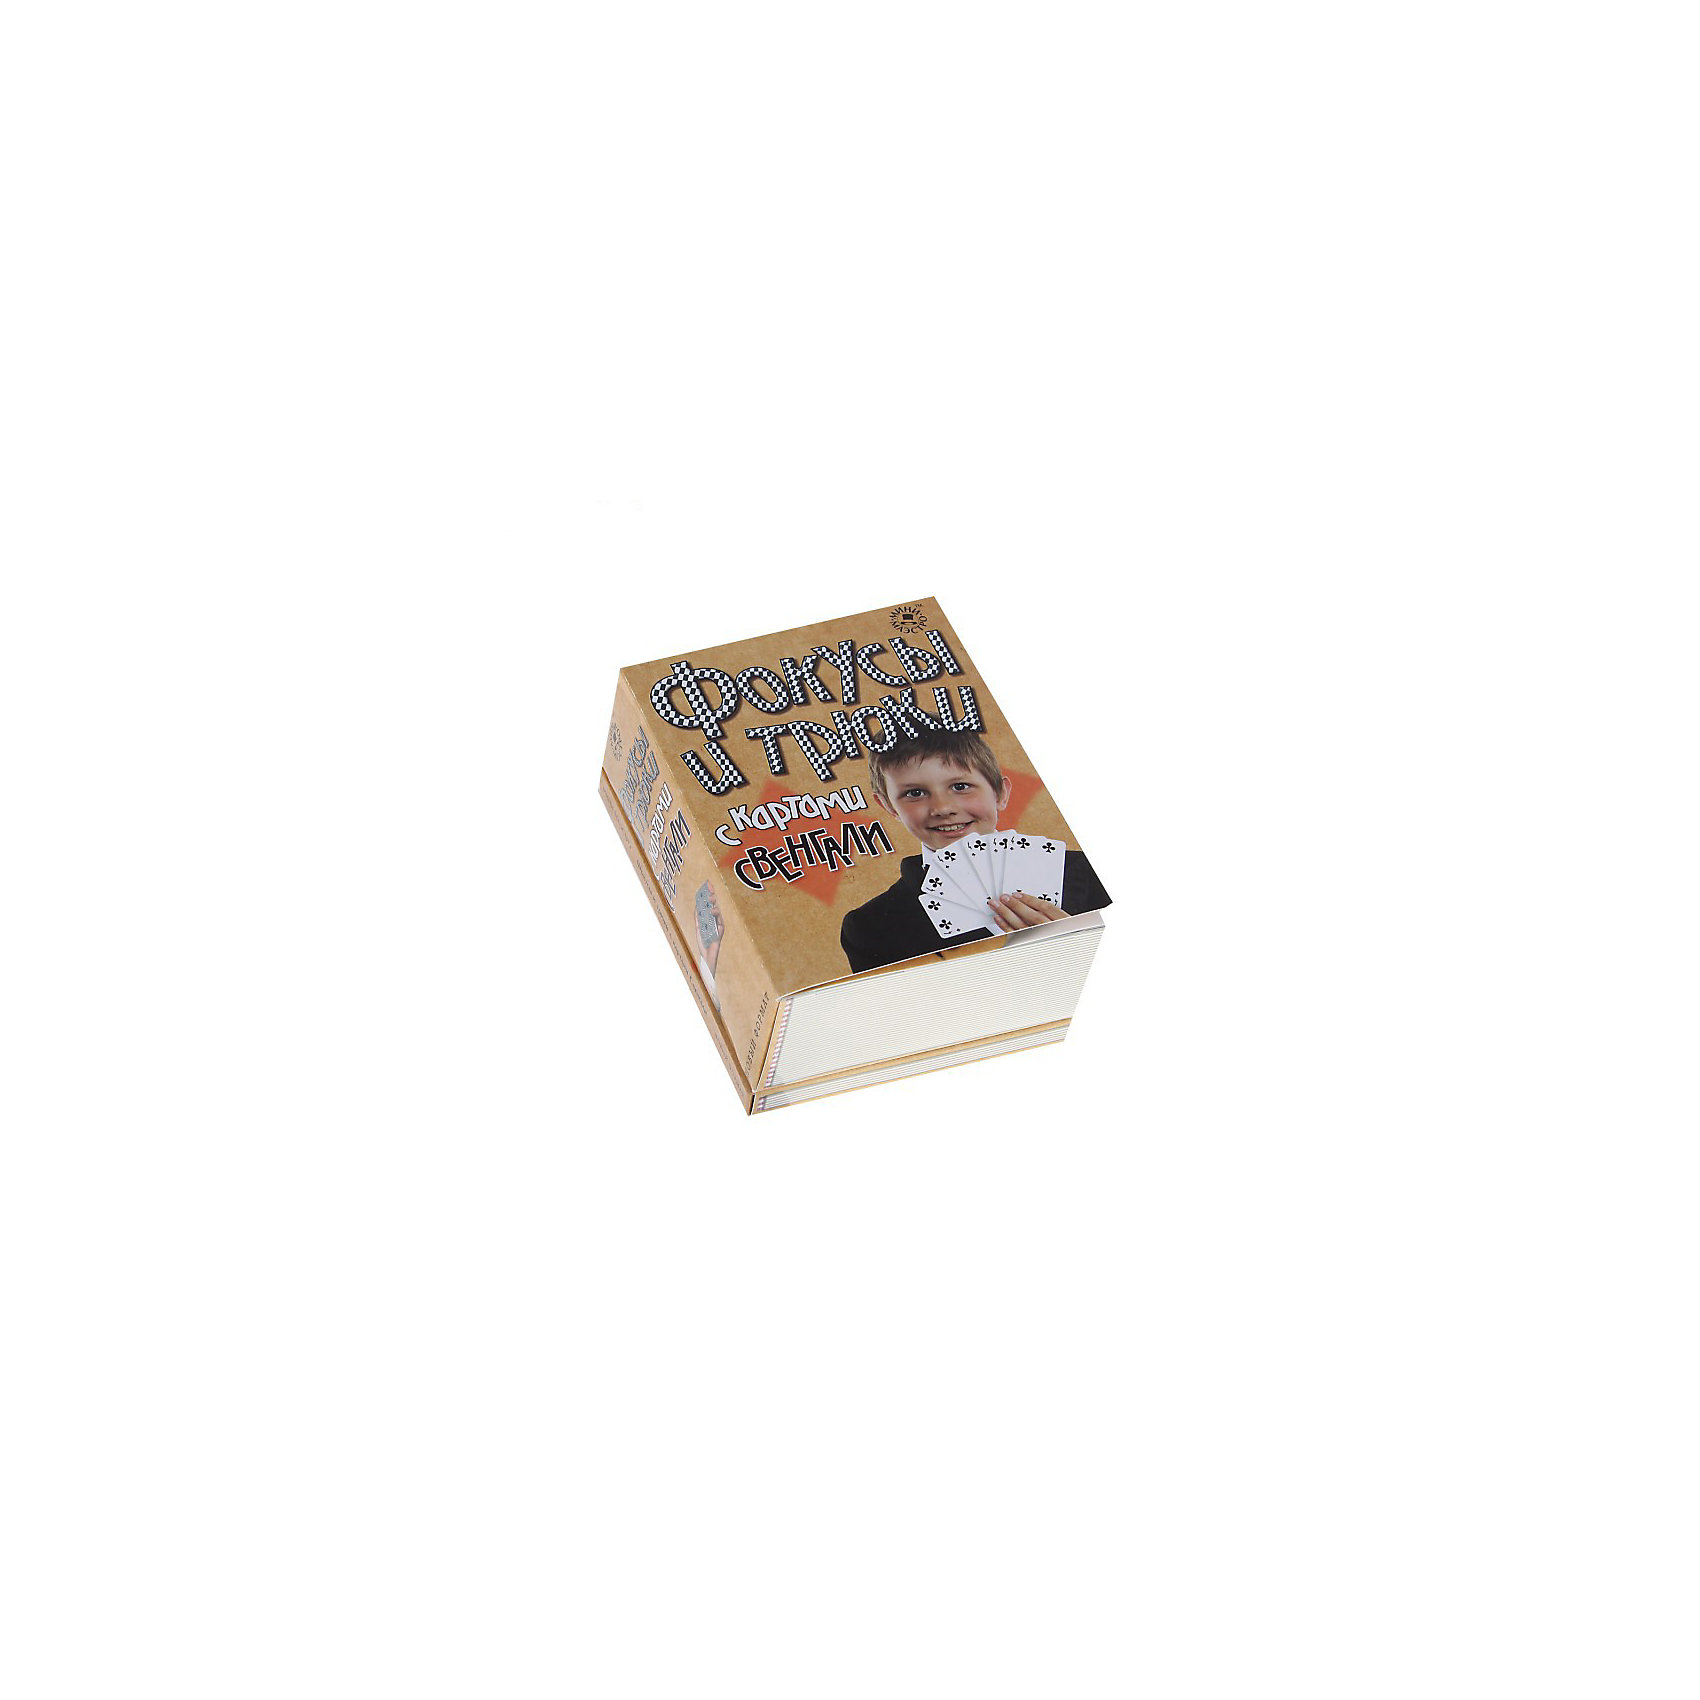 Набор Фокусы и трюки с картами СвенгалиФокусы и розыгрыши<br>Мини-маэстро «Фокусы и трюки с картами Свенгали» - это набор с волшебными картами. Просто возьми в руки колоду, прочти несколько магических советов из книги и ты – маг и чародей!<br><br>Дополнительная информация:<br><br>В набор входит:<br>- Книга с инструкциями 48 стр., цв. илл.,<br>- 2 колоды профессиональных карт фокусника (карт Свенгали) с различными ключевыми картами.<br>- Размер упаковки (д/ш/в): 95 х 52 х 120 мм<br><br>Мини-маэстро Фокусы и трюки с картами Свенгали можно купить в нашем магазине.<br><br>Ширина мм: 95<br>Глубина мм: 52<br>Высота мм: 120<br>Вес г: 300<br>Возраст от месяцев: 72<br>Возраст до месяцев: 144<br>Пол: Мужской<br>Возраст: Детский<br>SKU: 2358222